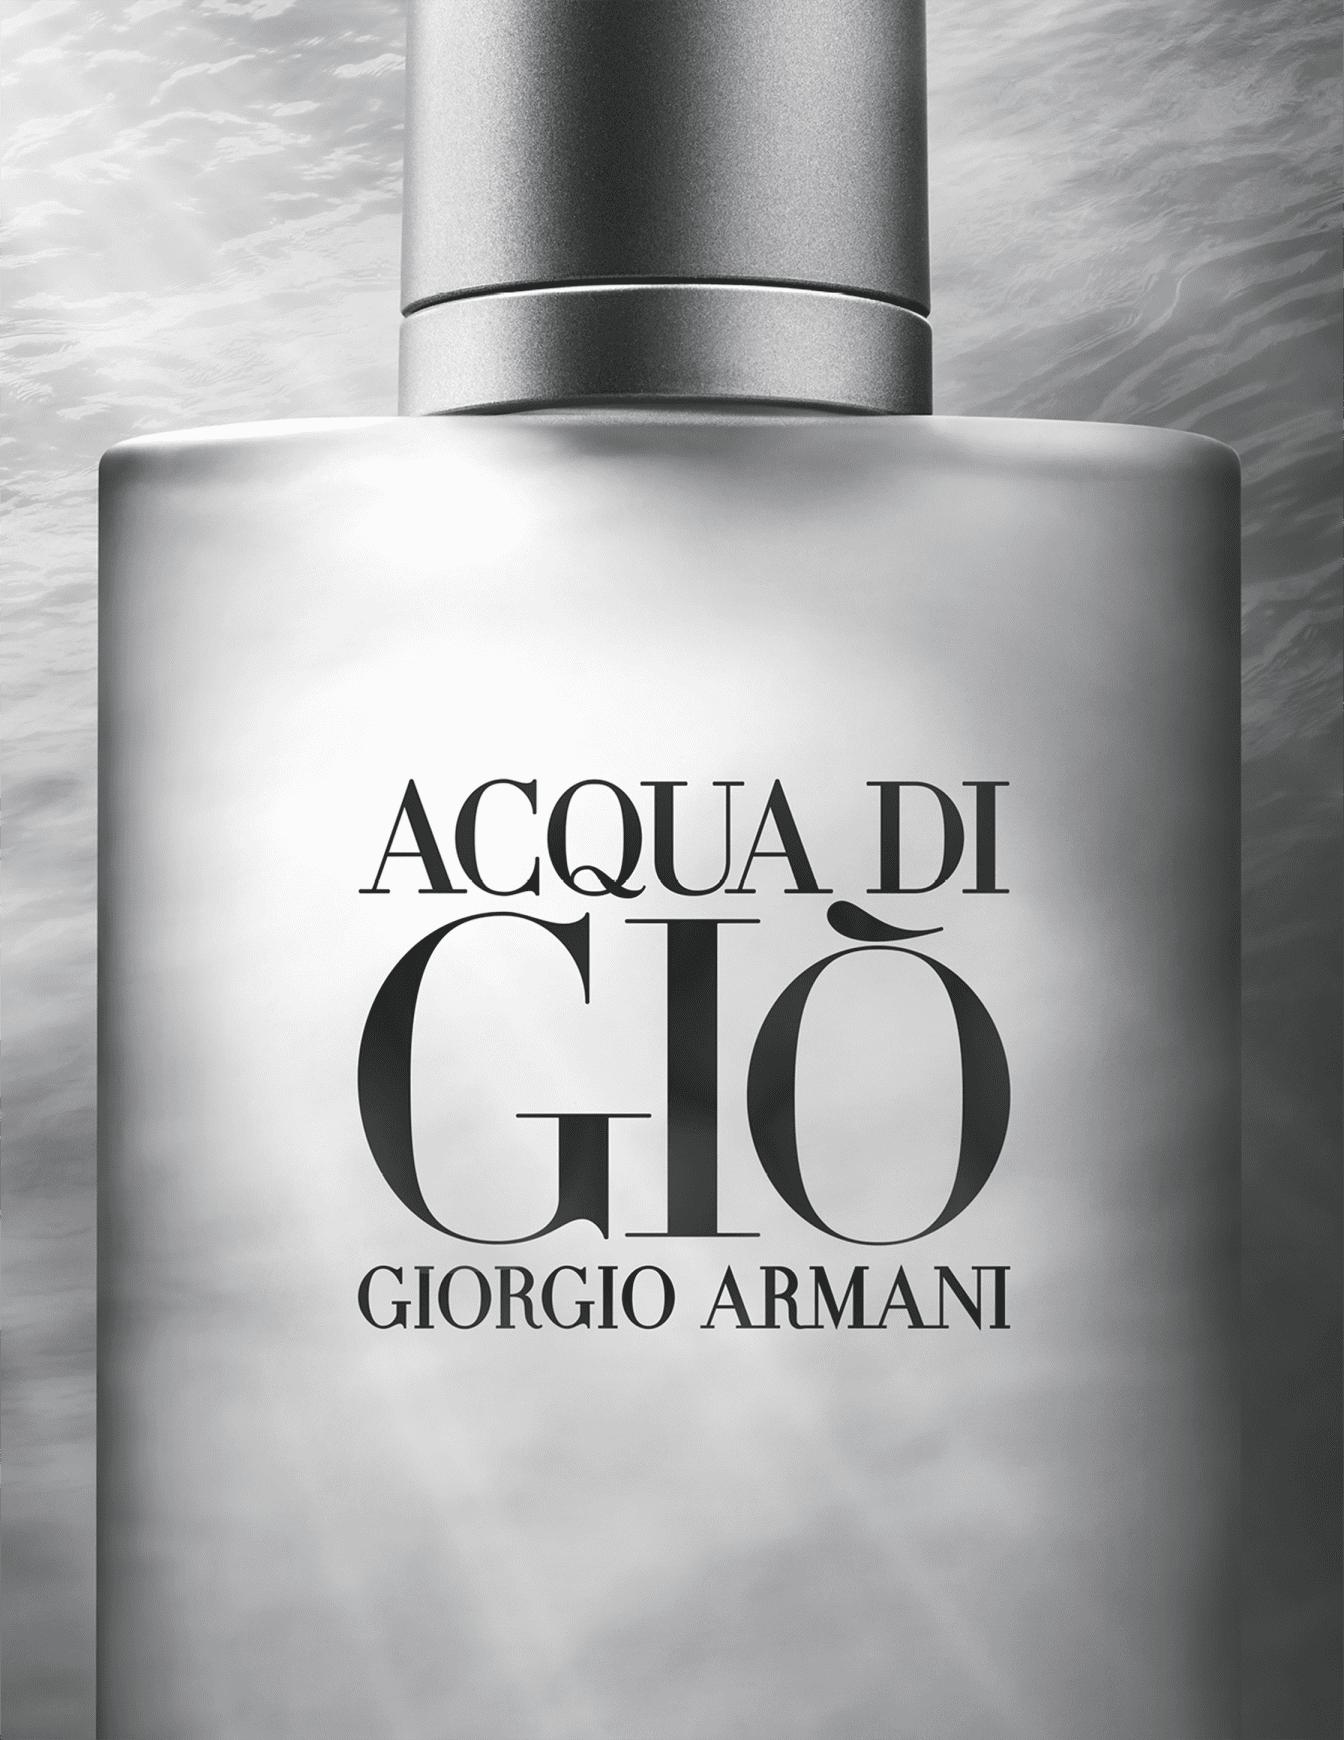 fdf1fec27f Acqua di Giò Pour Homme Giorgio Armani Eau de Toilette - Perfume Masculino  100ml